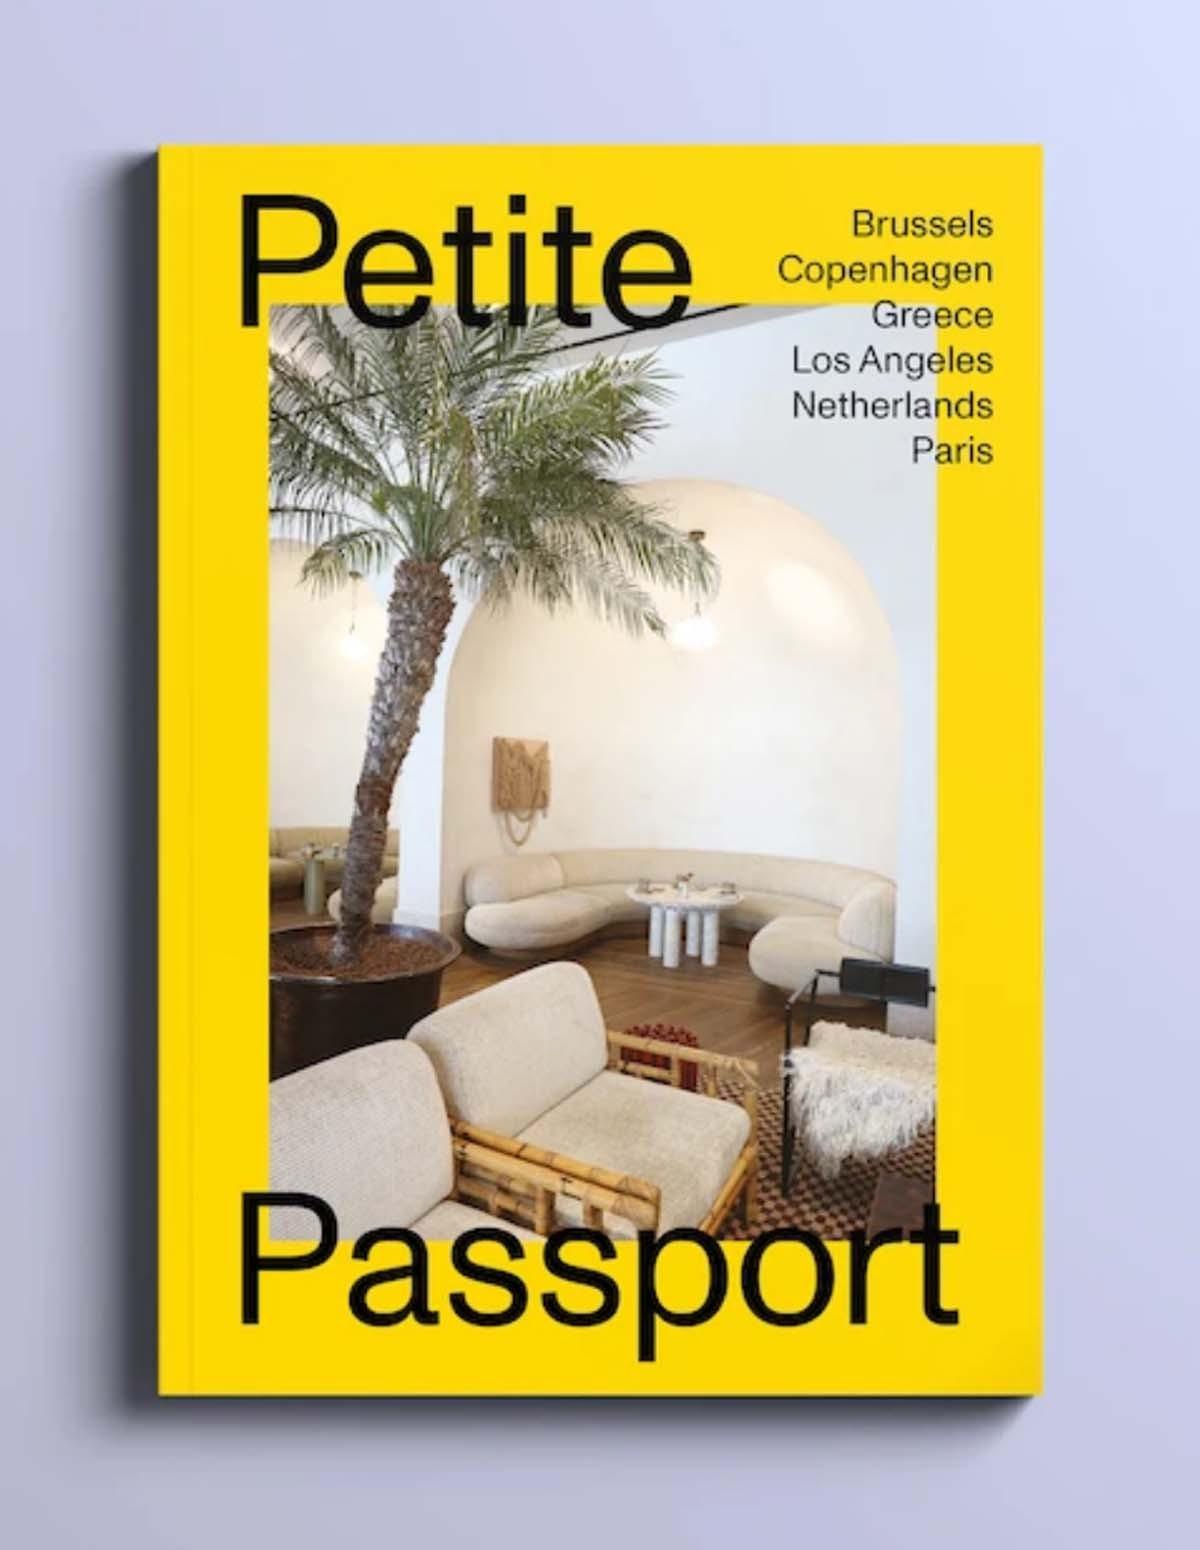 Petite Passport Magazine 02